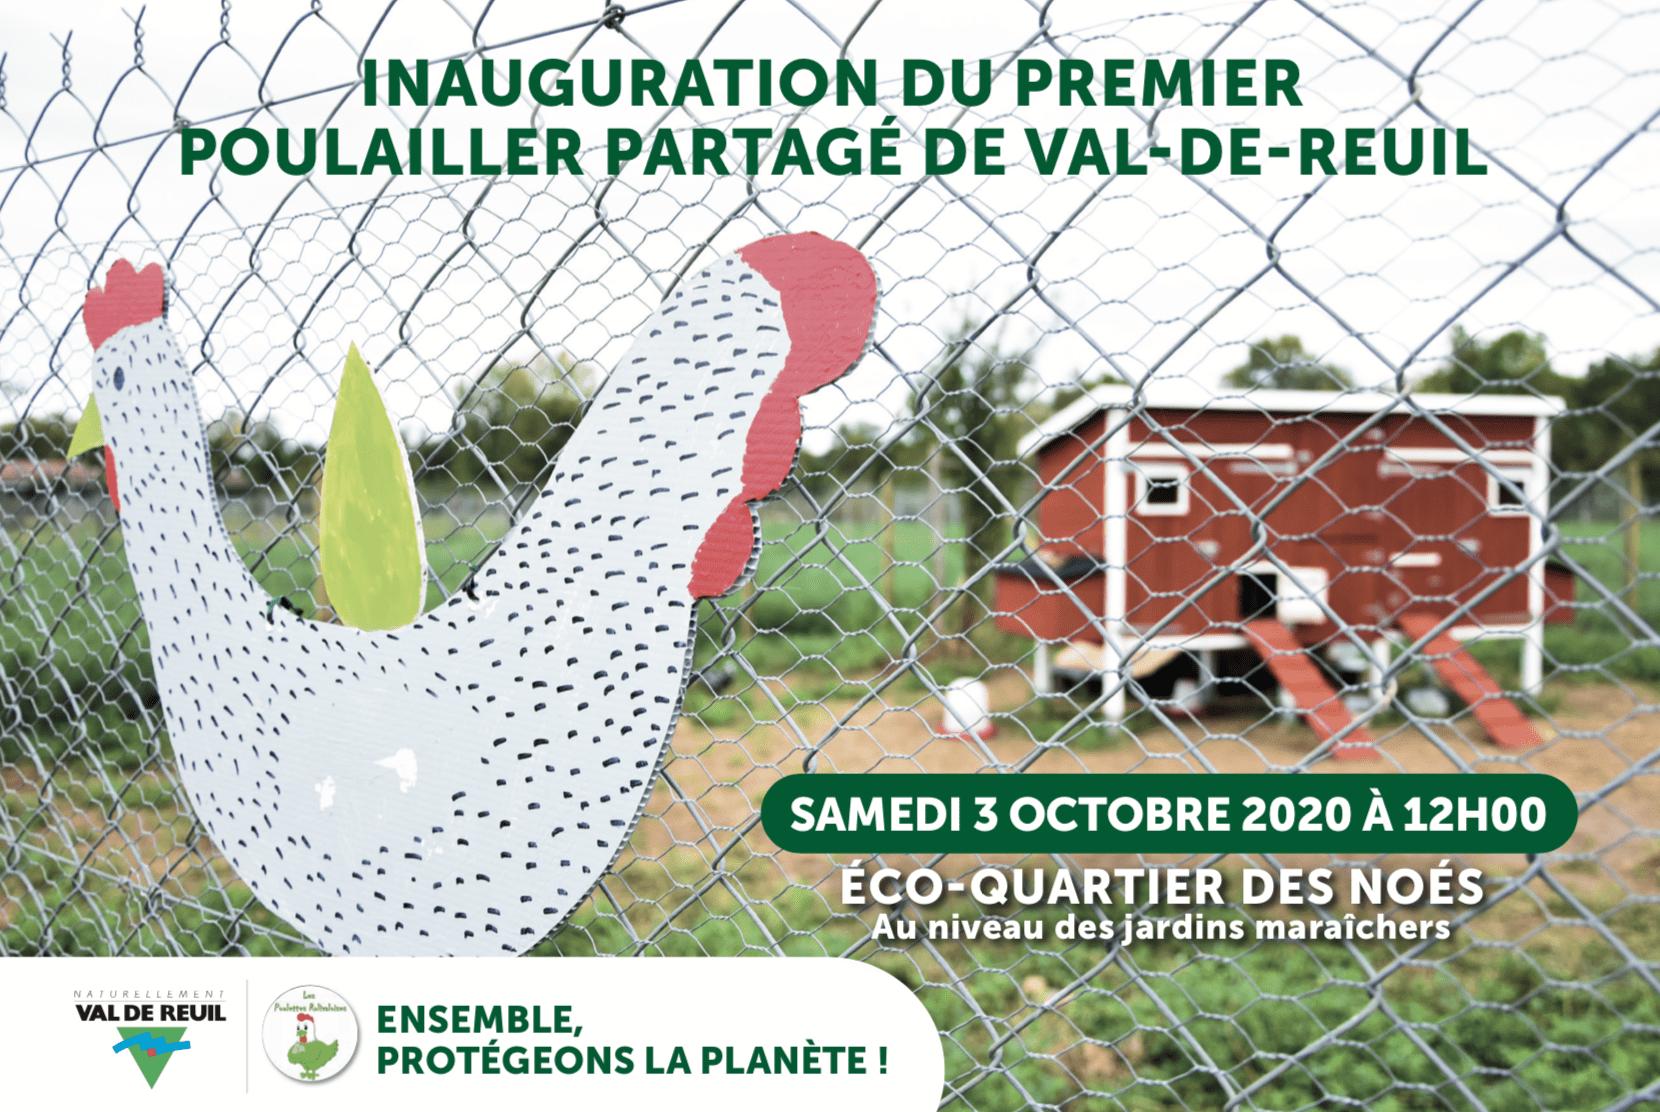 INAUGURATION DU PREMIER POULAILLER PARTAGE DE VAL-DE-REUIL